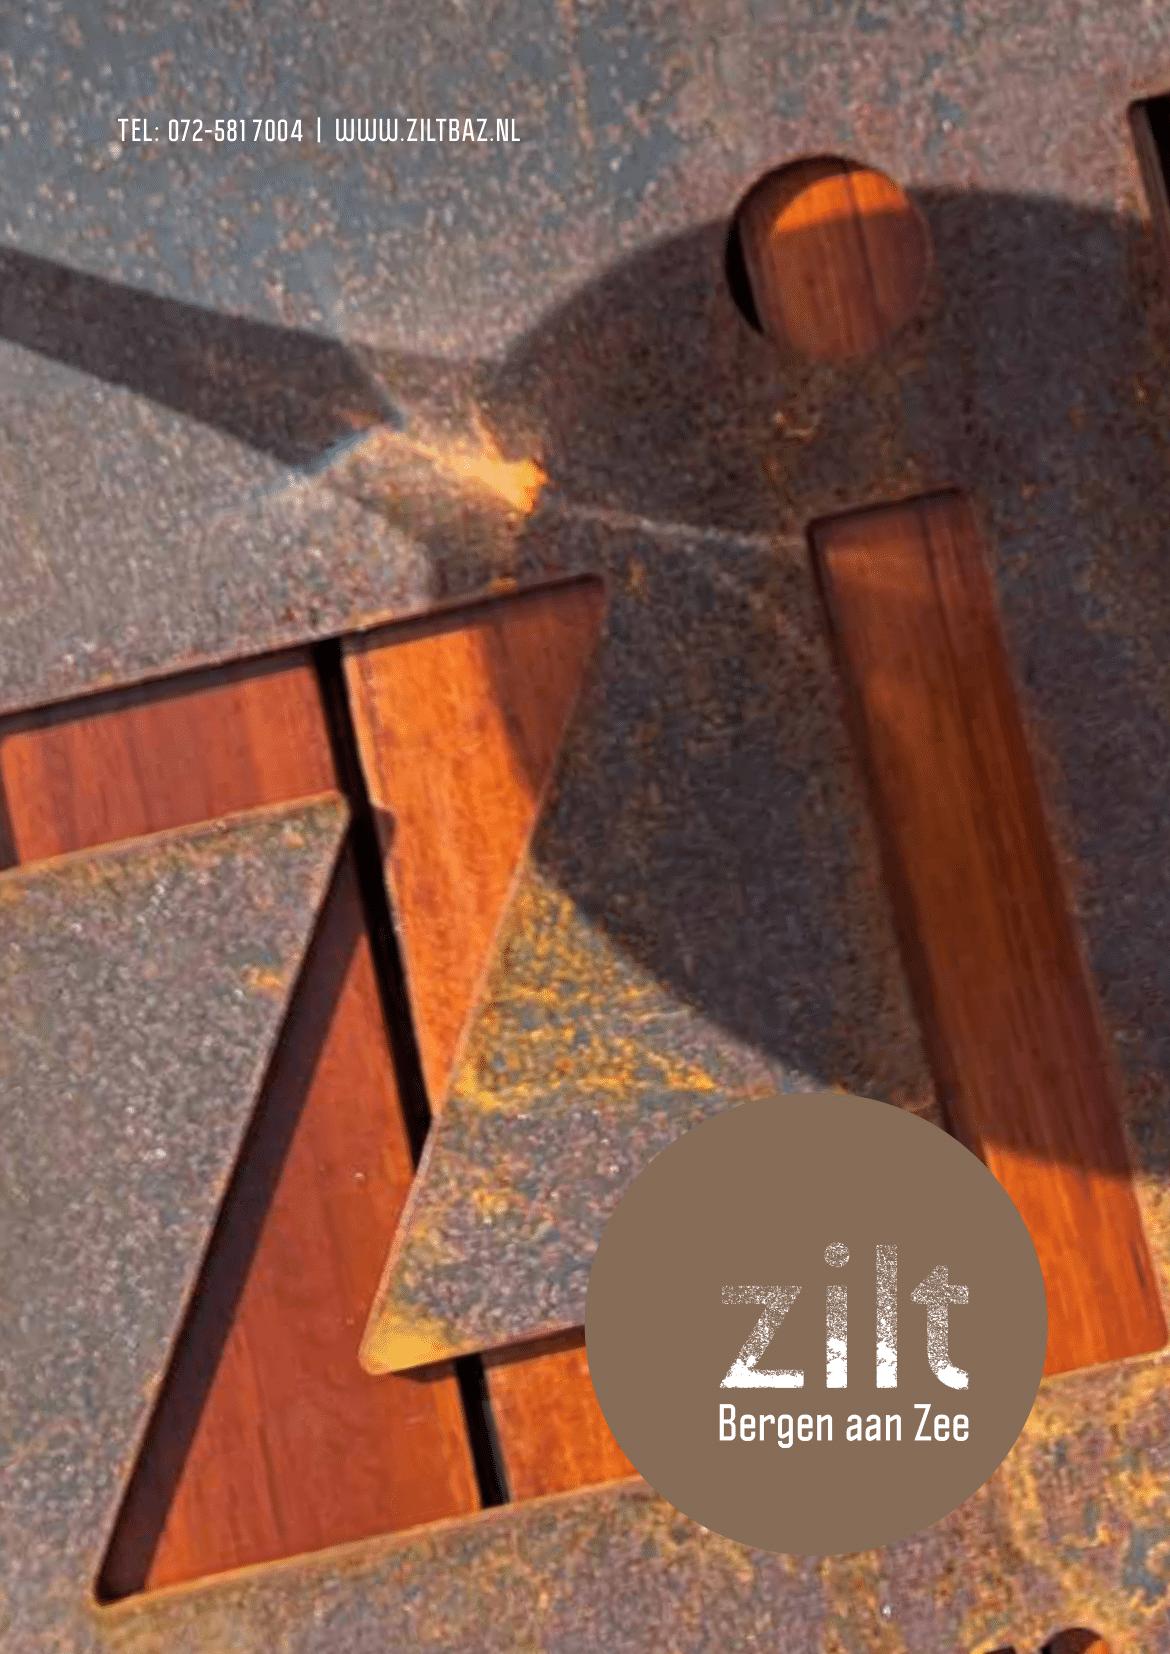 2021-023 menukaart ZIlt-def-11